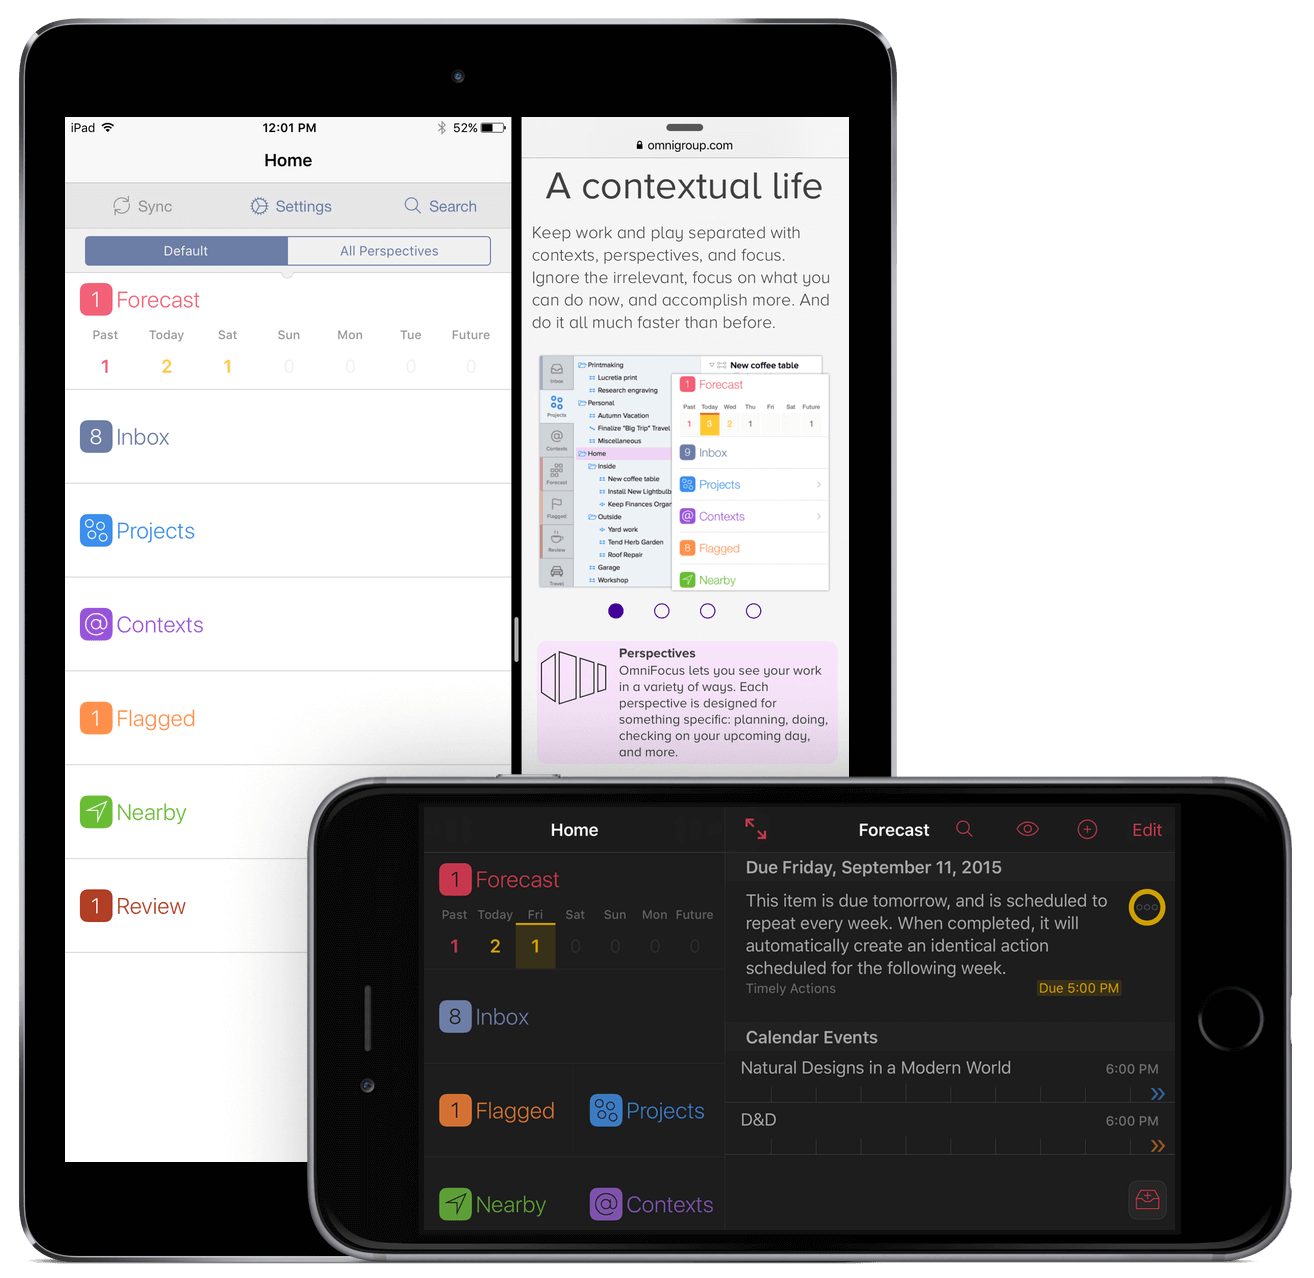 omnifocus 2 for ios user manual introduction rh support omnigroup com iPhone 7 Manual manual de iphone 6 plus